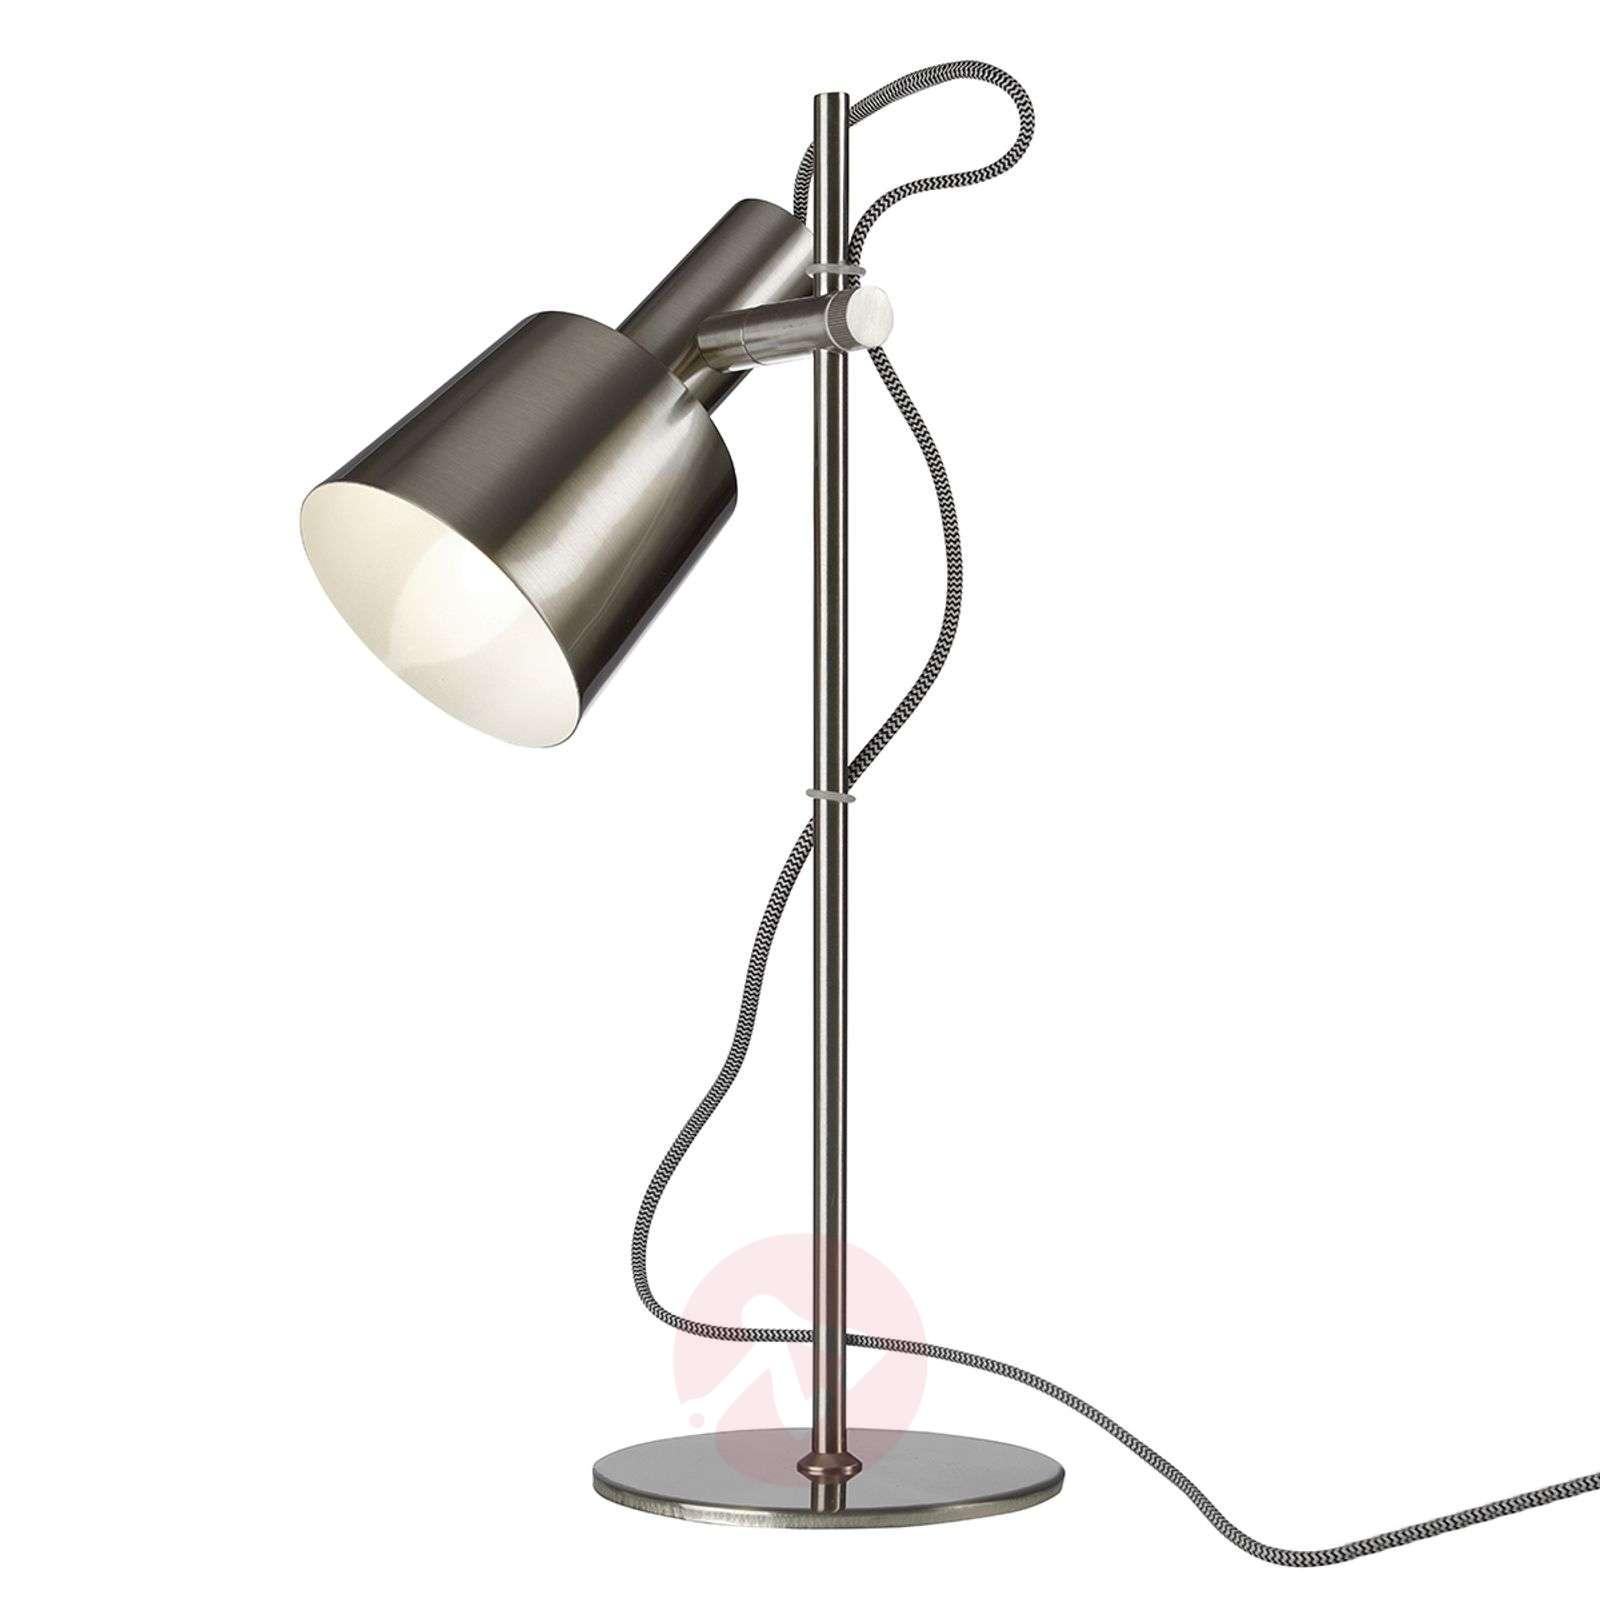 Adjustable table lamp Göteborg-8507607-01